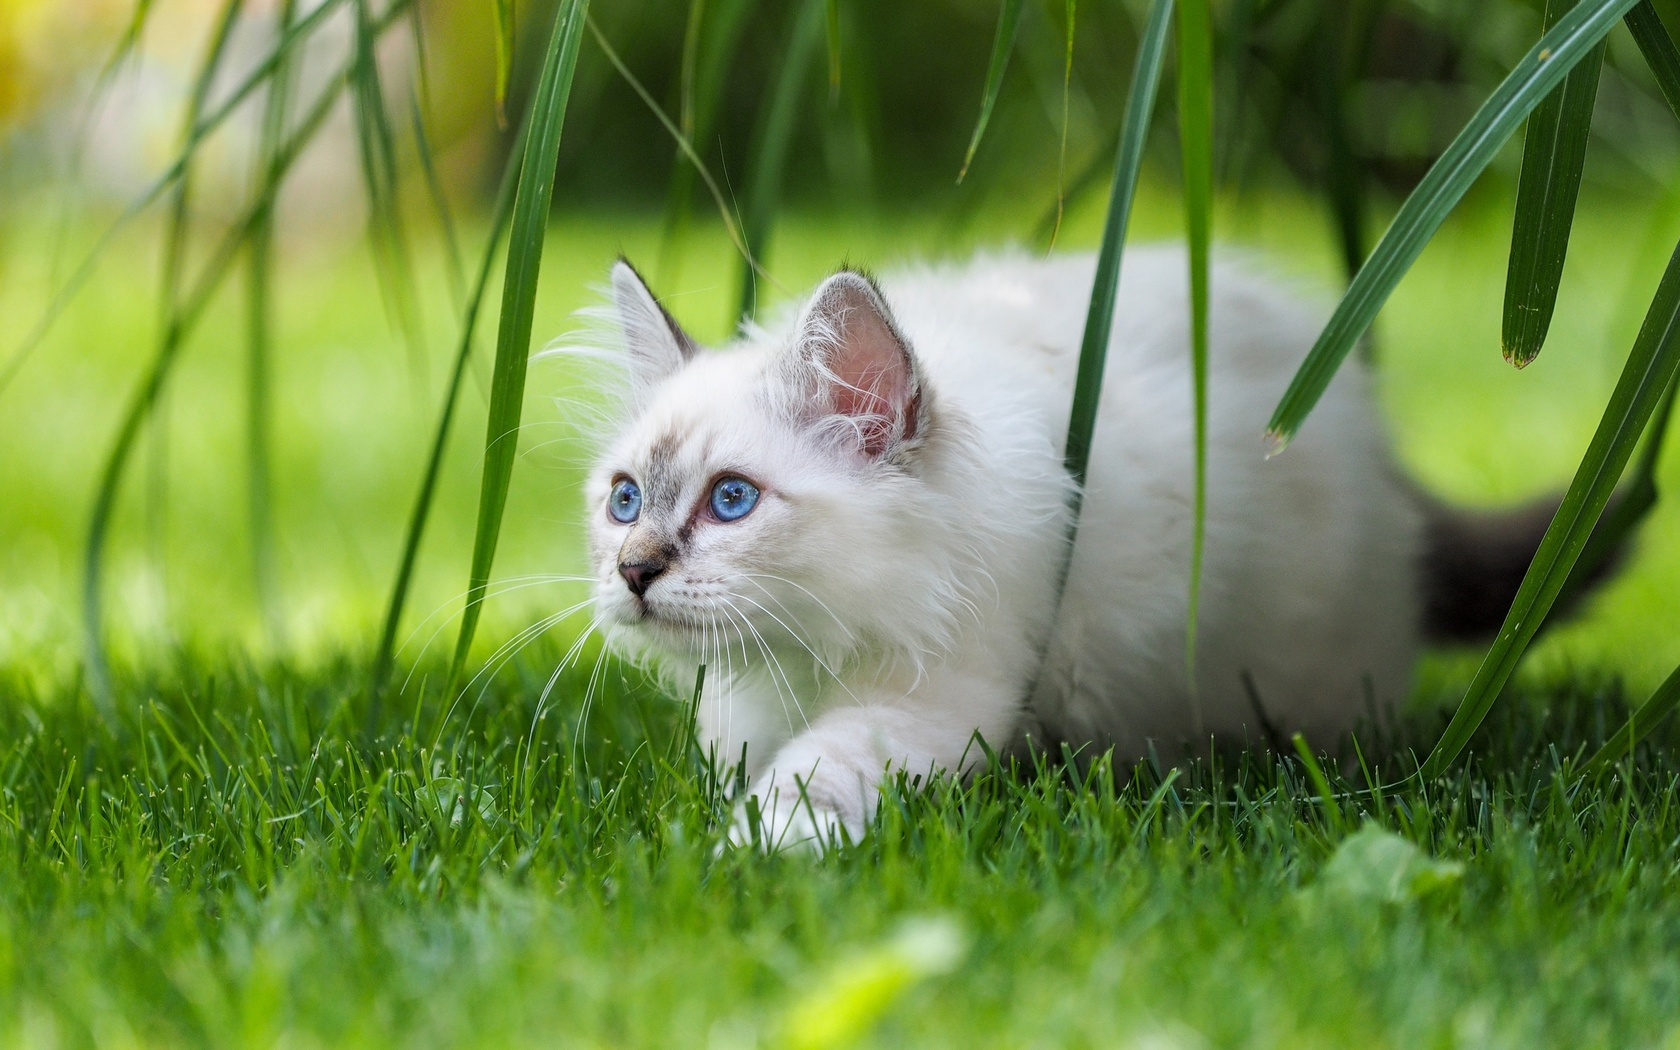 животное, кот, кошка, природа, трава, листья